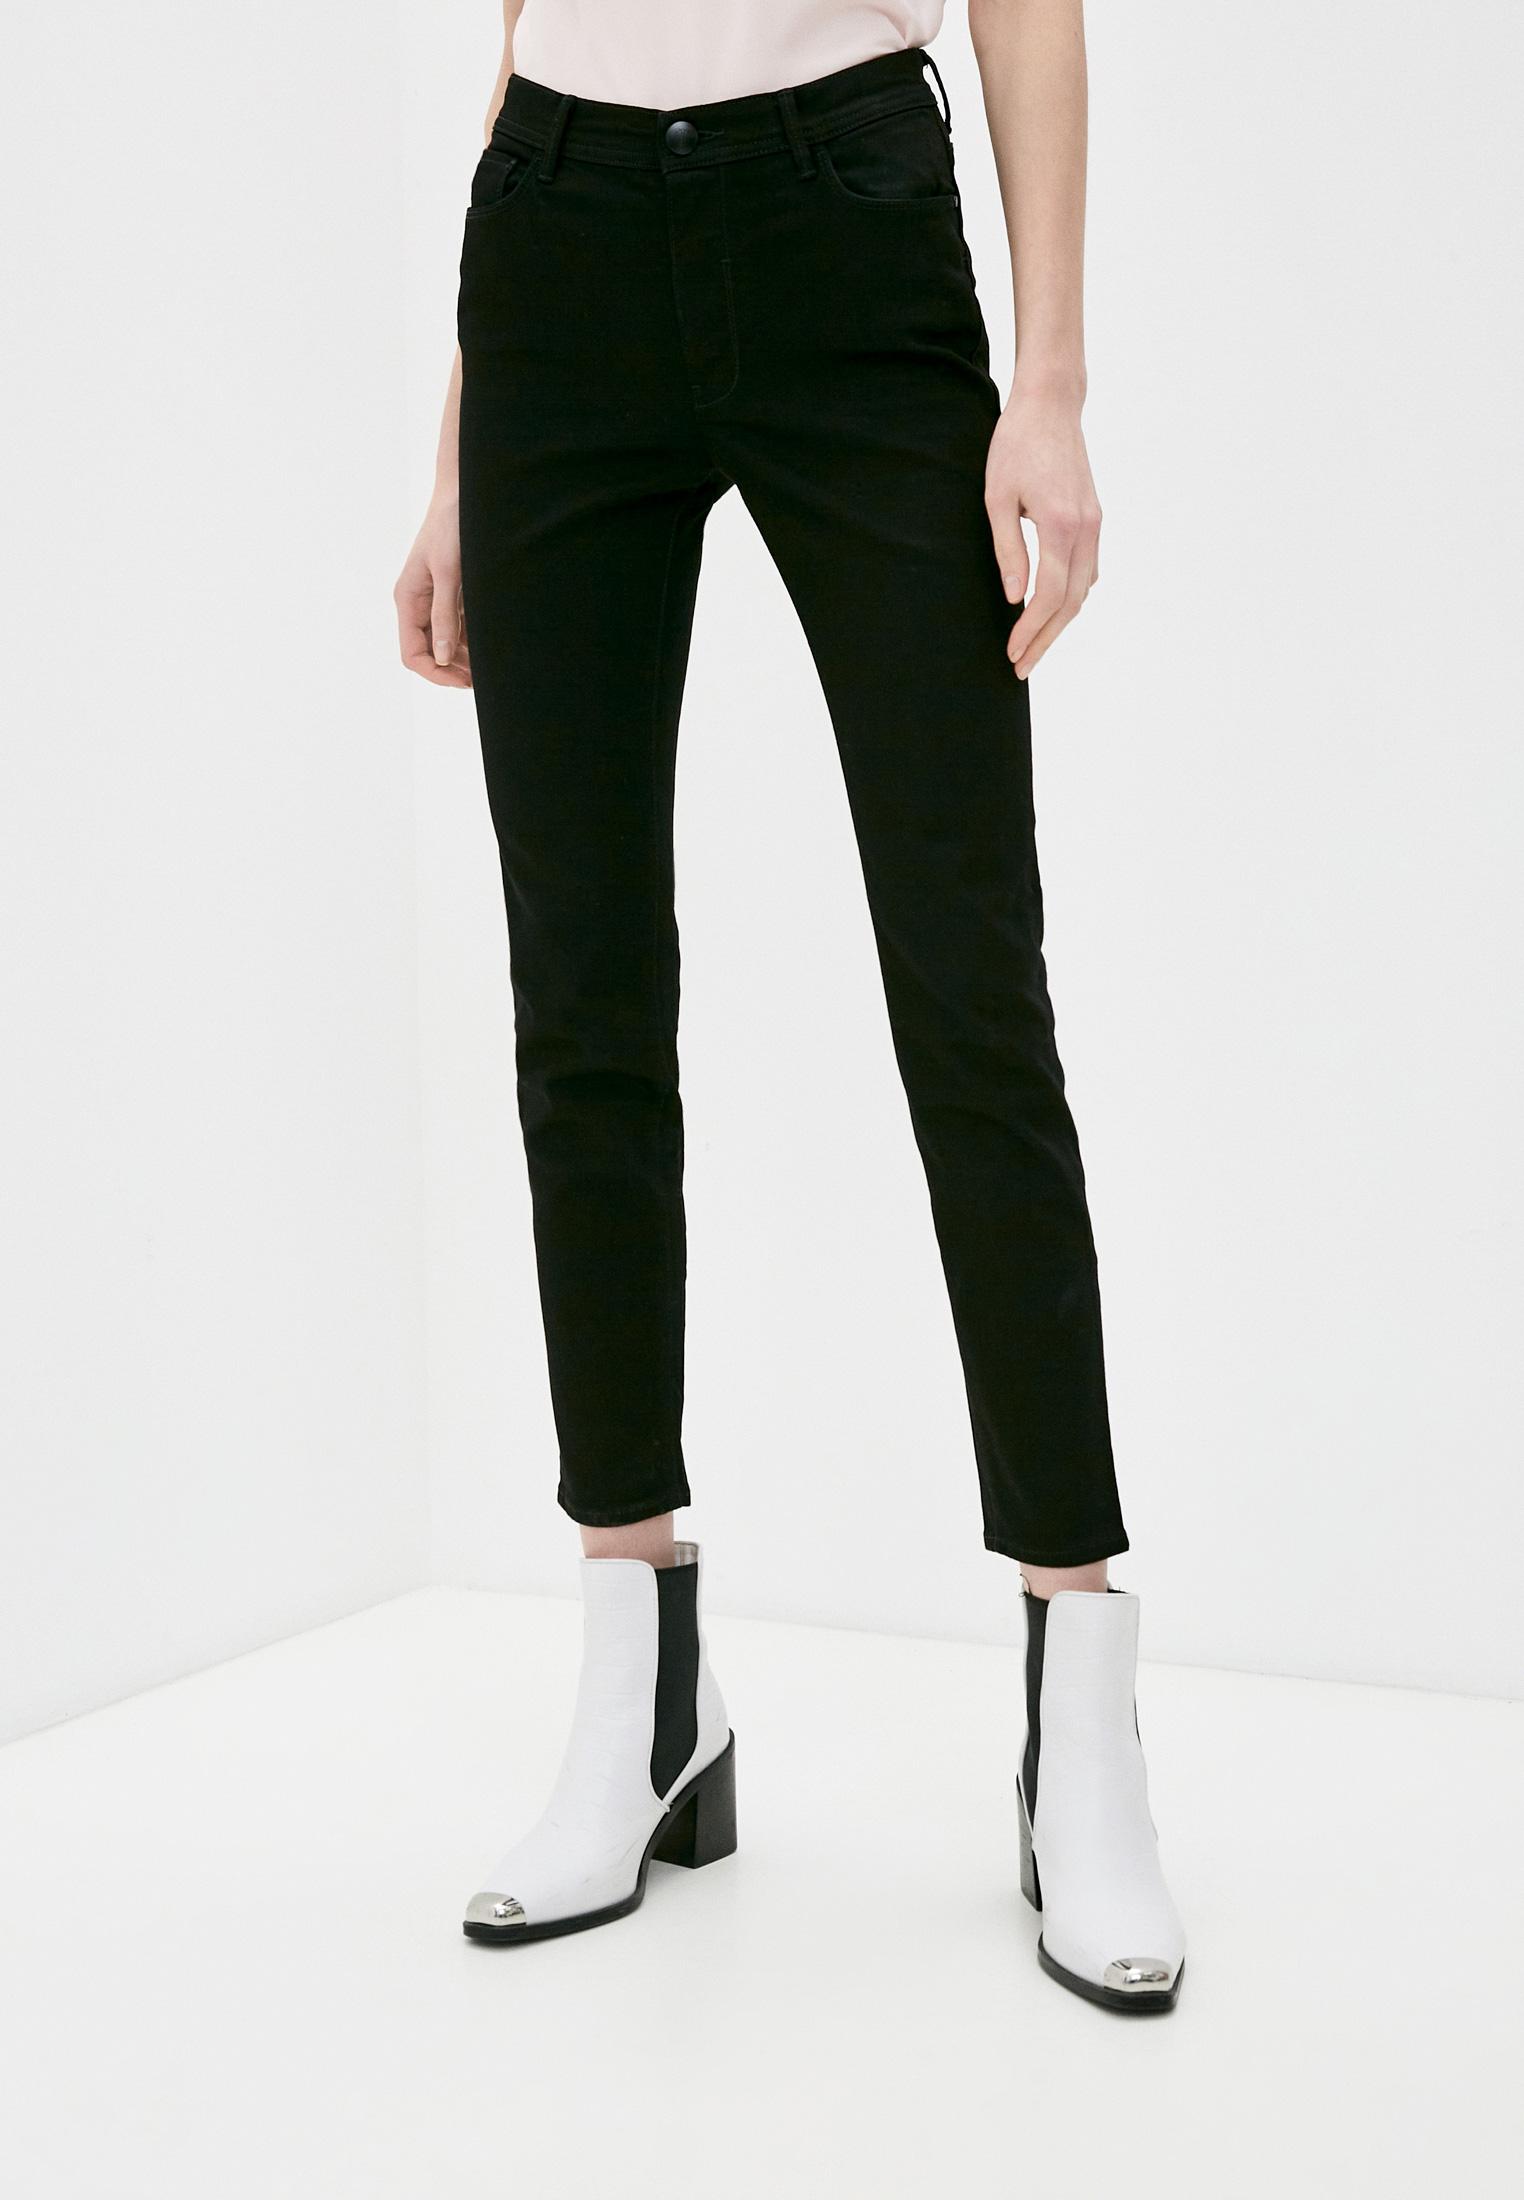 Зауженные джинсы Trussardi (Труссарди) 36J00016-1T002720-A-001